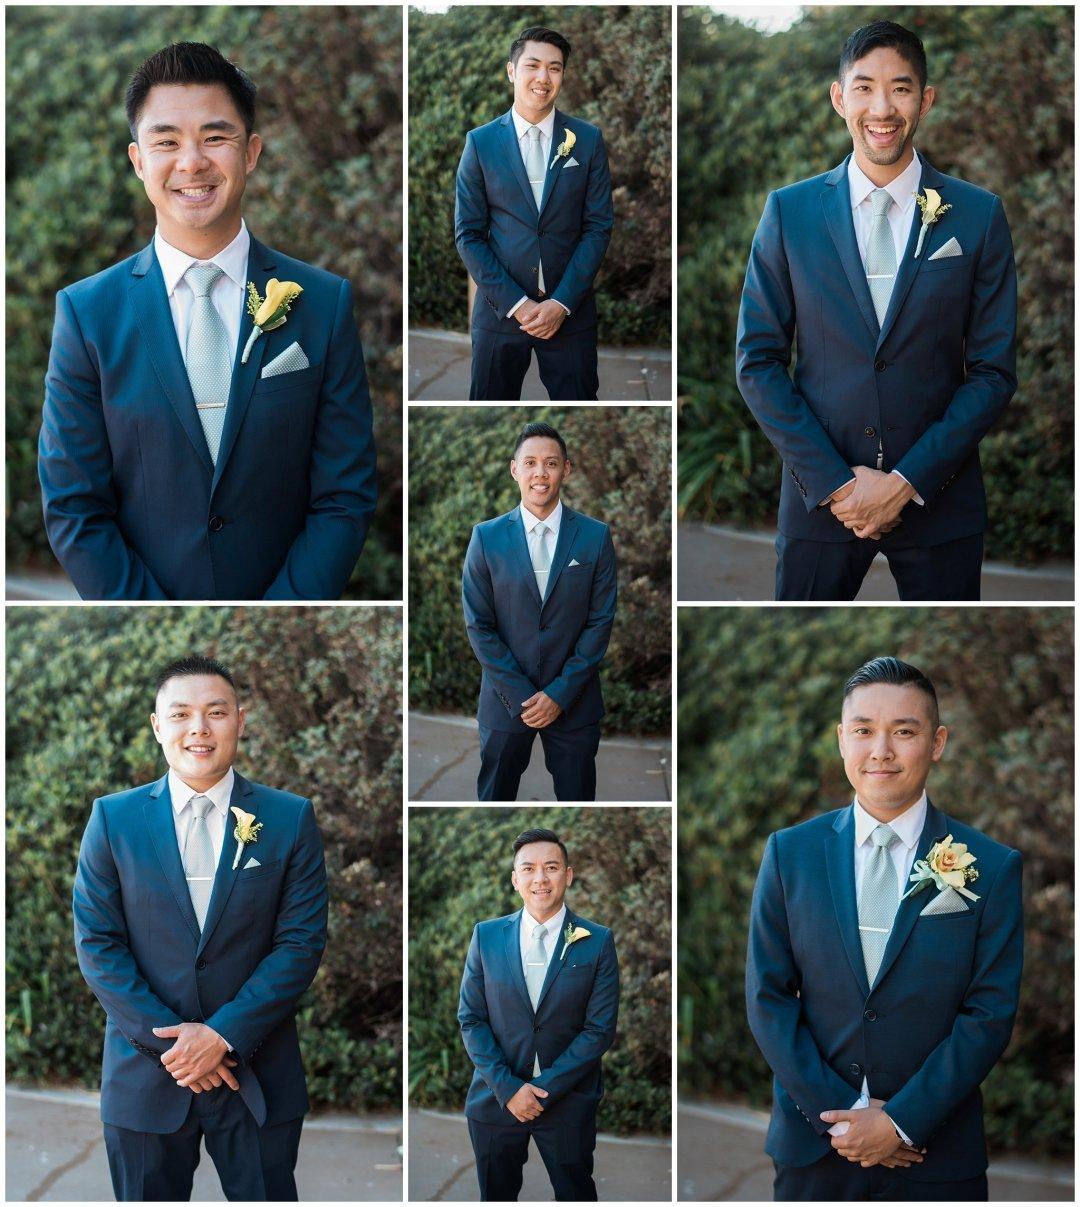 Ha & Allen Wedding Third Element Photography & Cinema Pismo Beach Cliffs Resort Central Coast Hybrid Film Wedding Photographer_0021